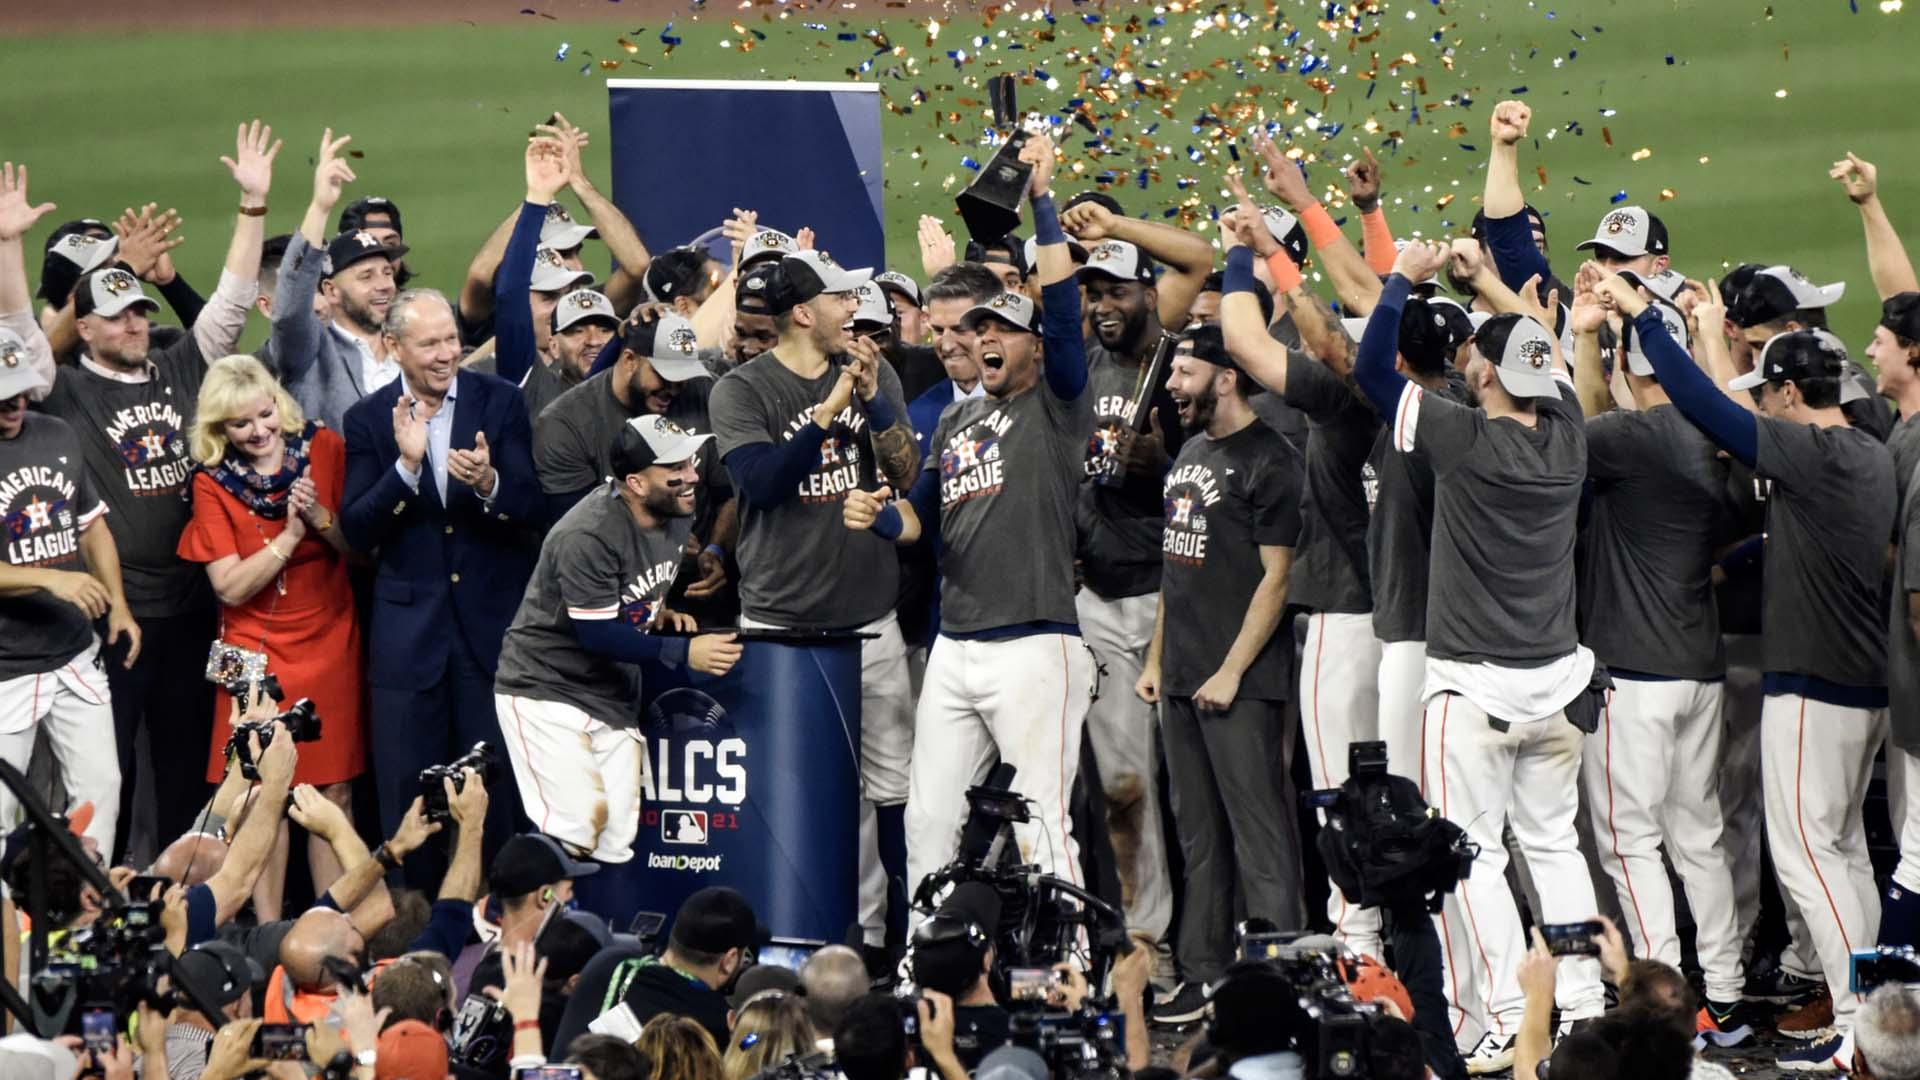 MLB 휴스턴, 보스턴 꺾고 월드시리즈 진출